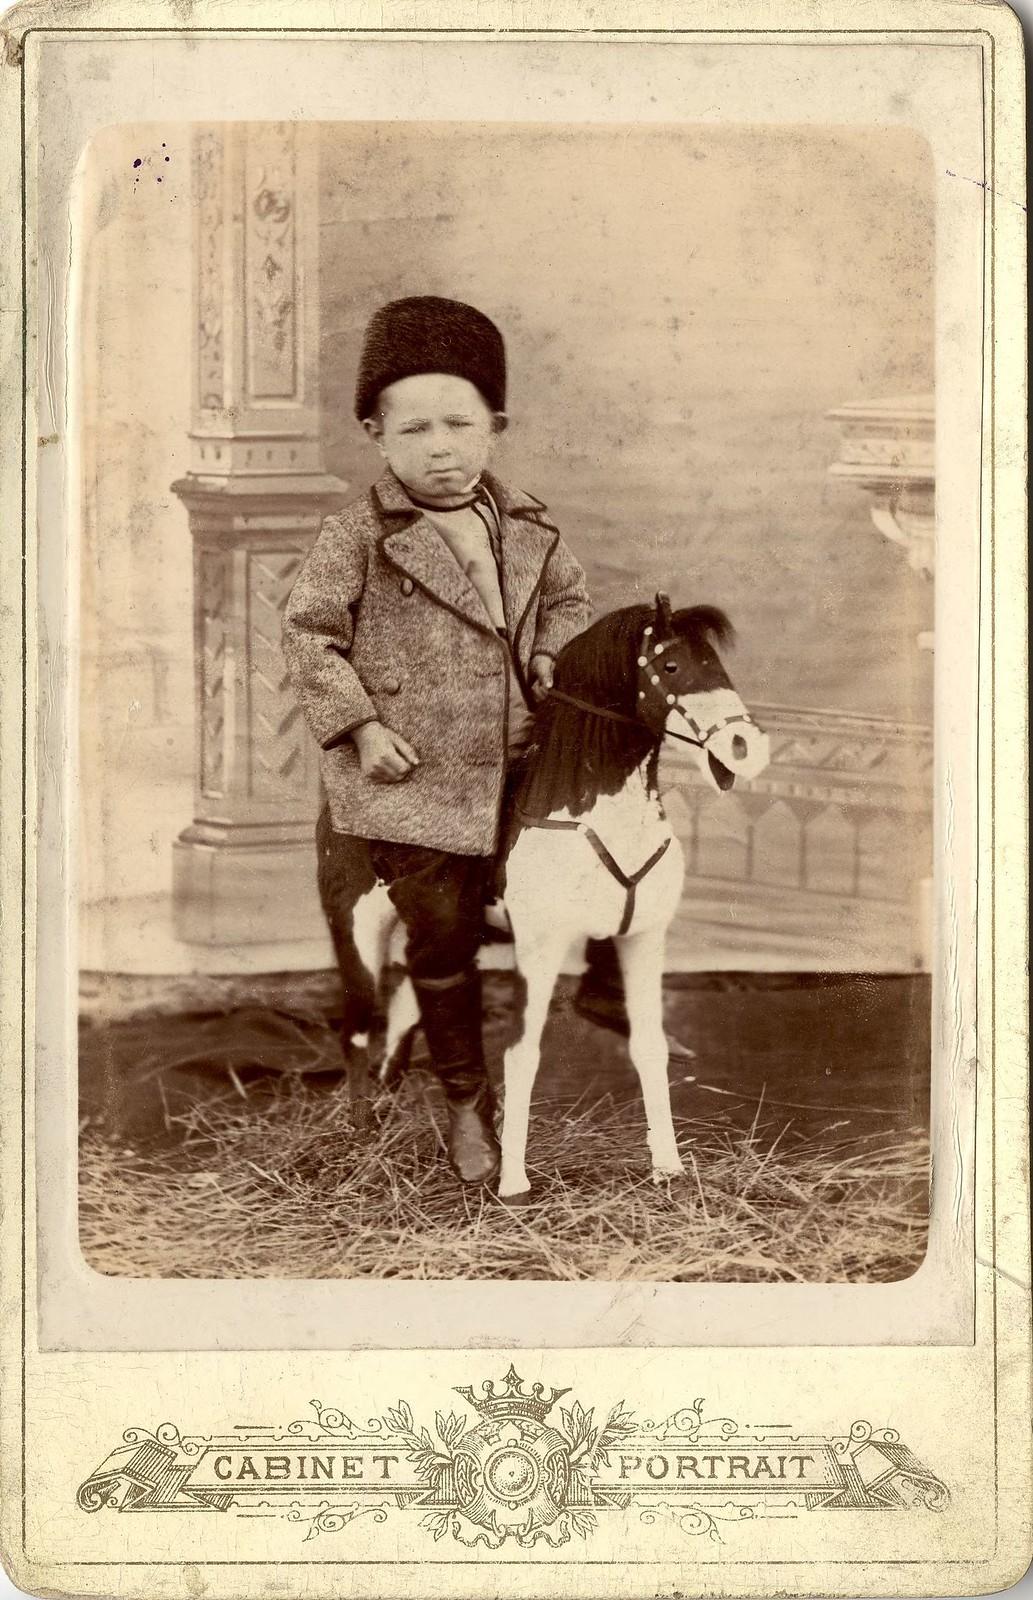 1890. Портрет мальчика, сидящего на игрушечном коне.